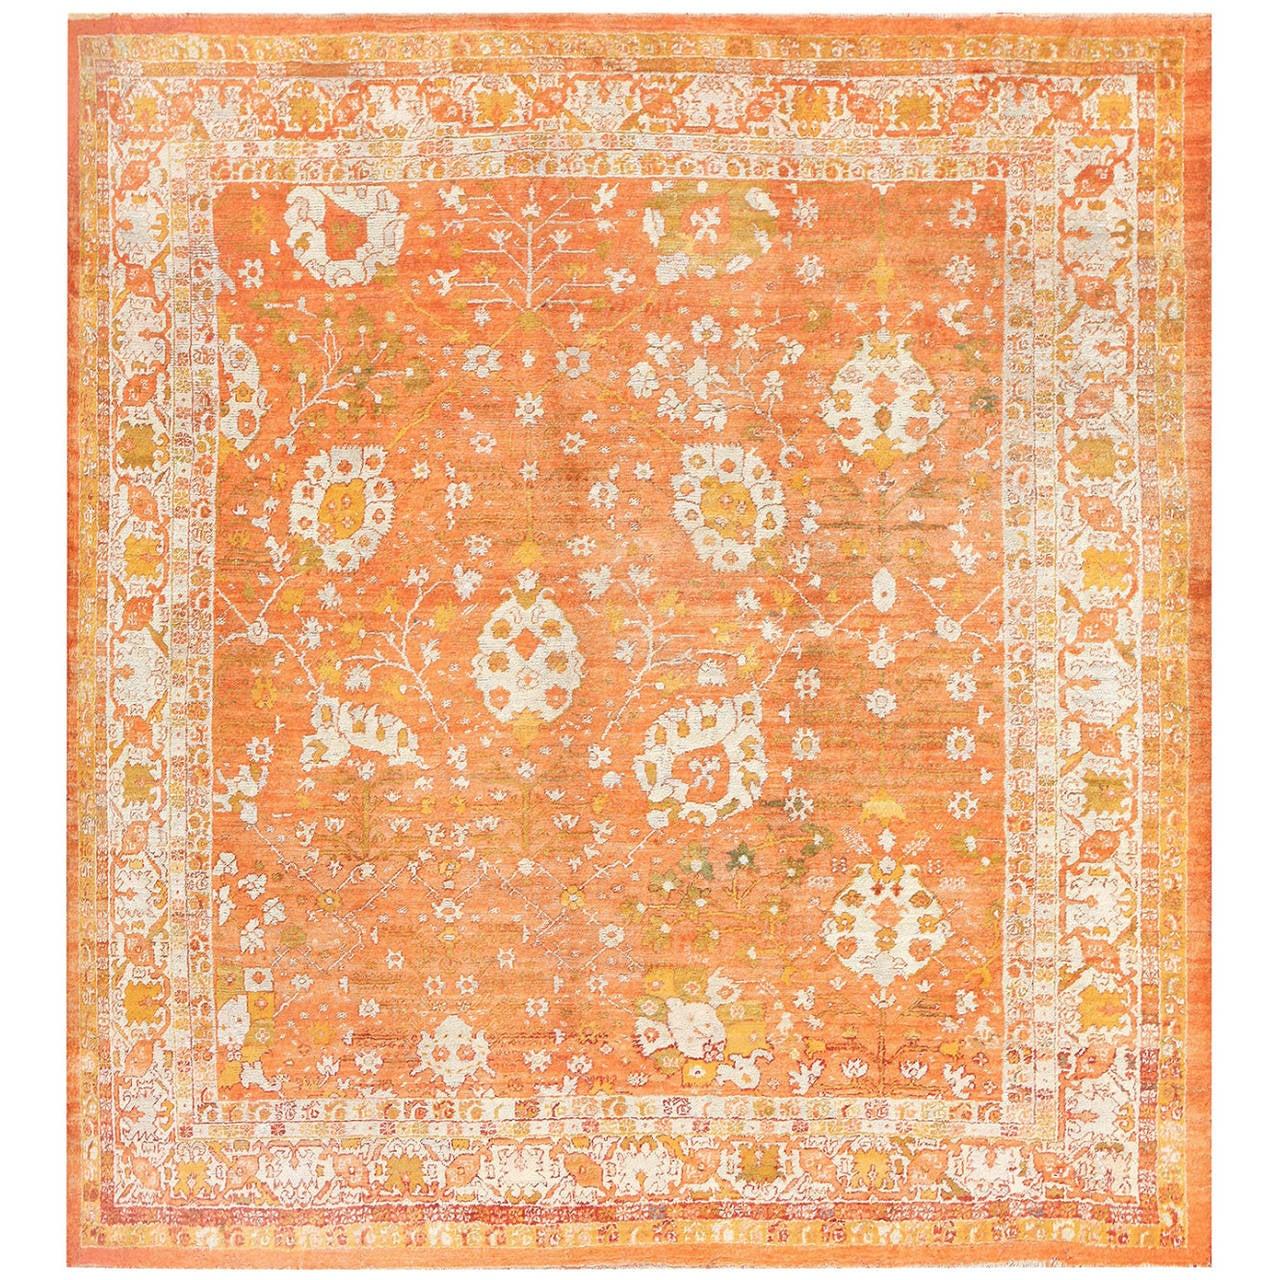 Oushak Rugs For Sale: Orange Background Angora Antique Turkish Oushak Rug At 1stdibs